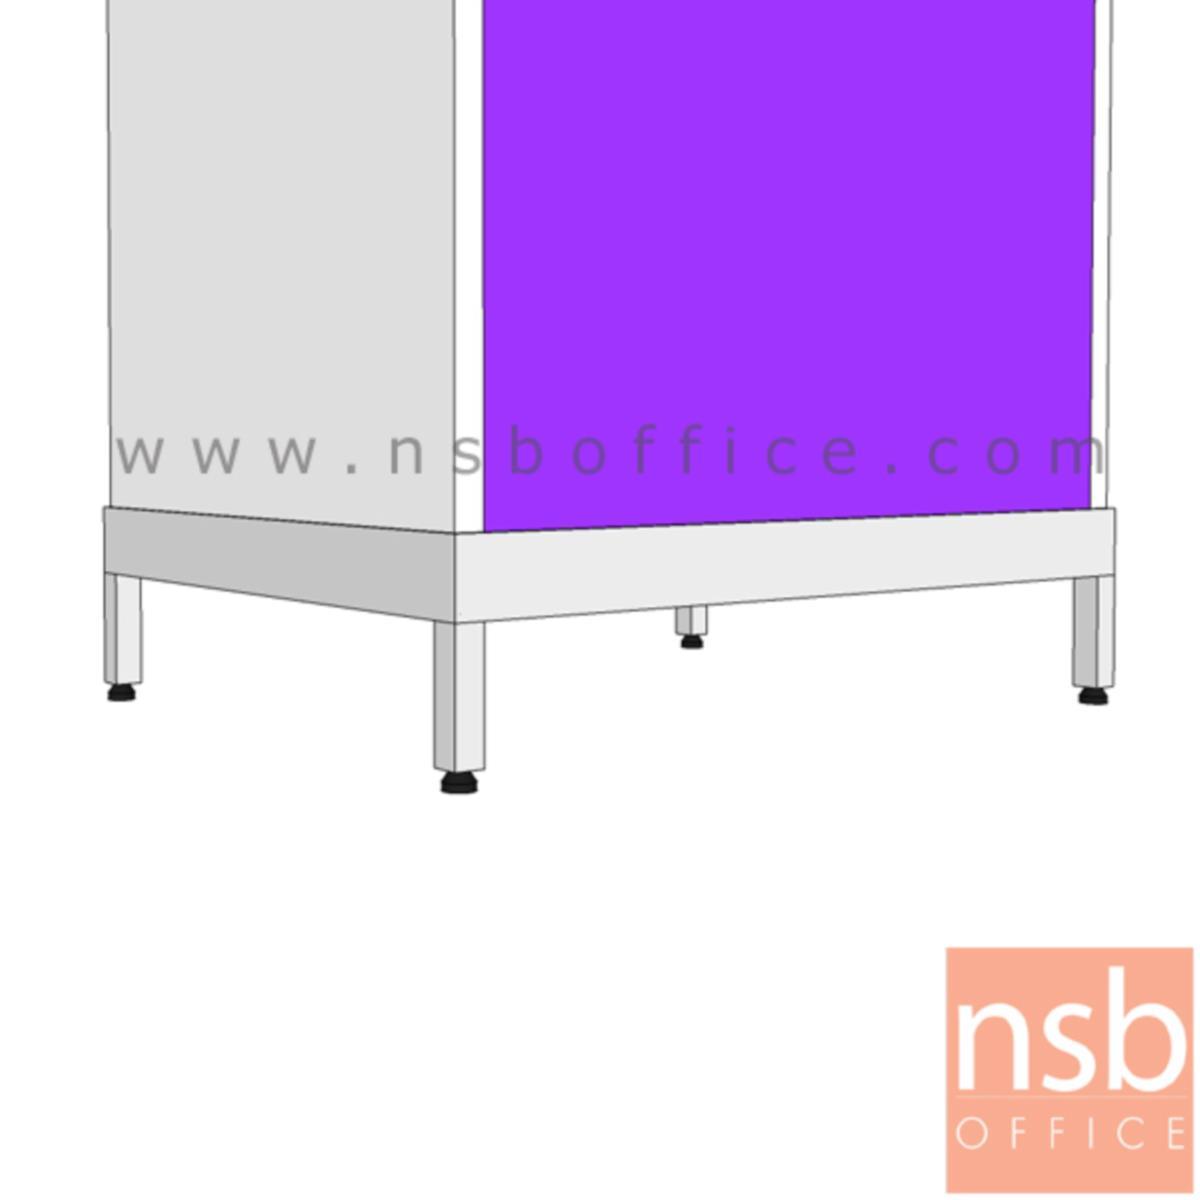 E01A006:ฐานรอง 4 ขาตู้เหล็กแม่บ้าน (สำหรับตู้ขนาด 60W*46.8D cm)